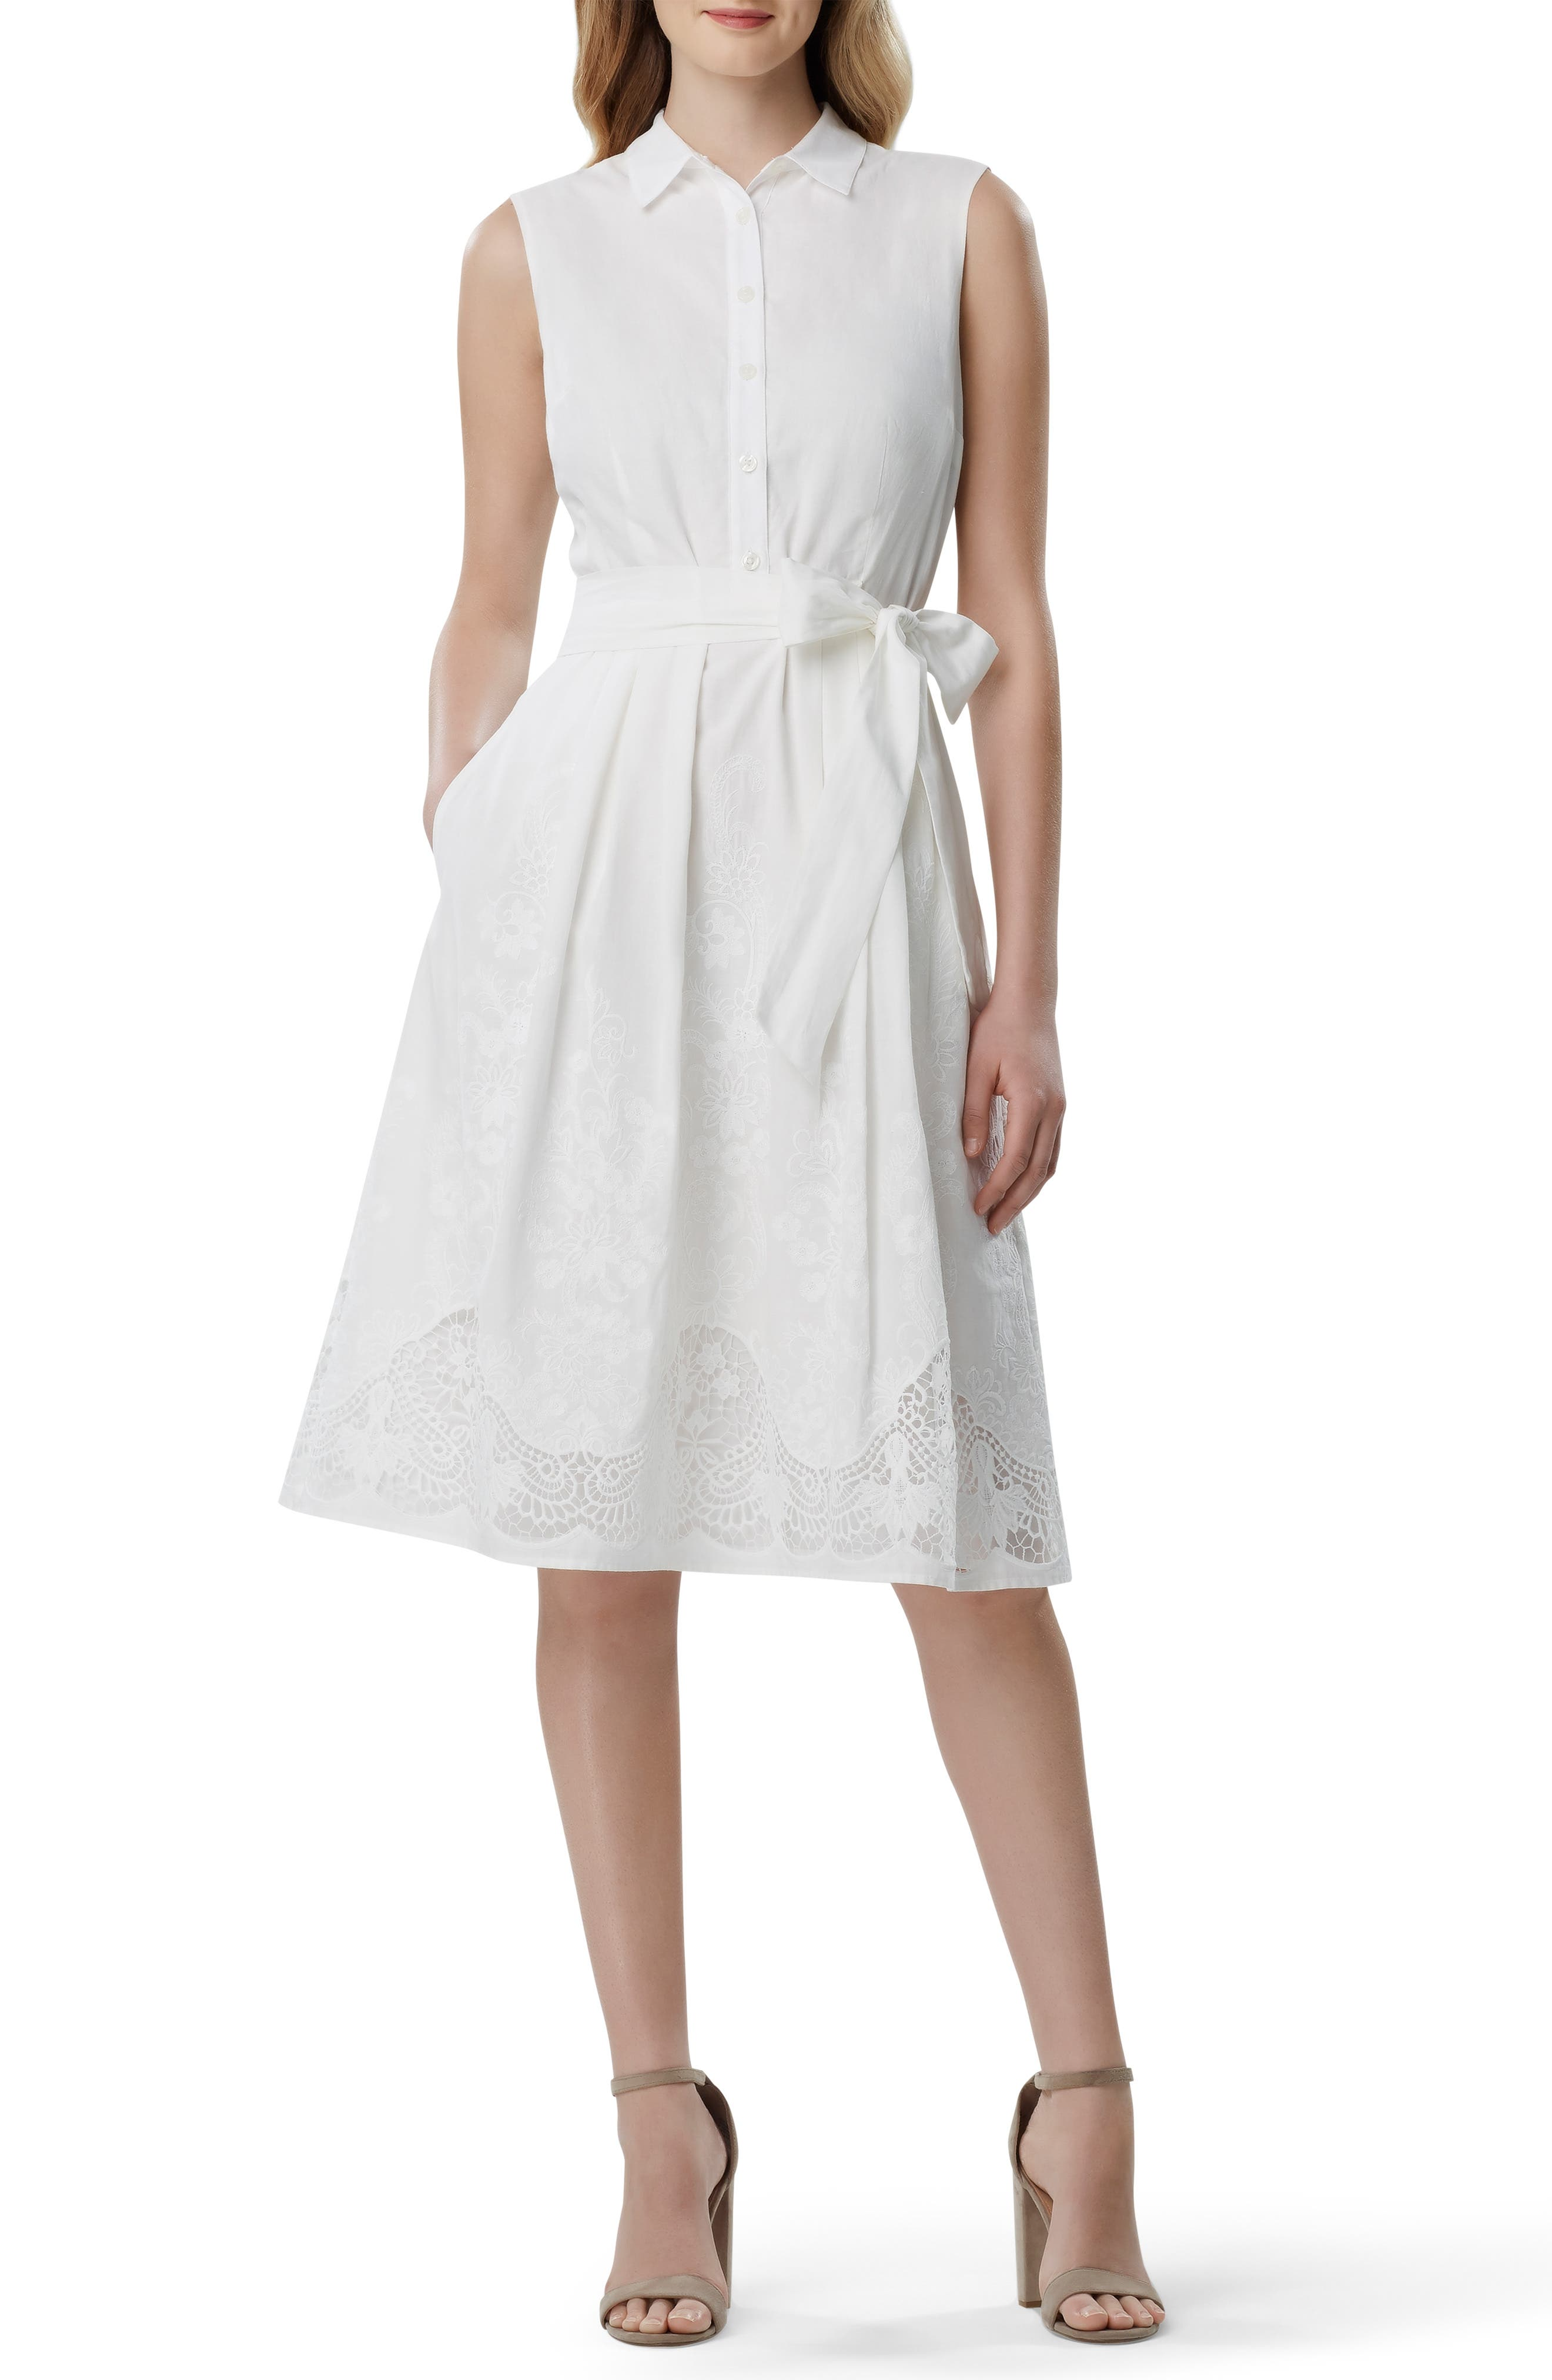 8e1989886a Petite Tahari Lace Detail Cotton Voile Dress, Ivory